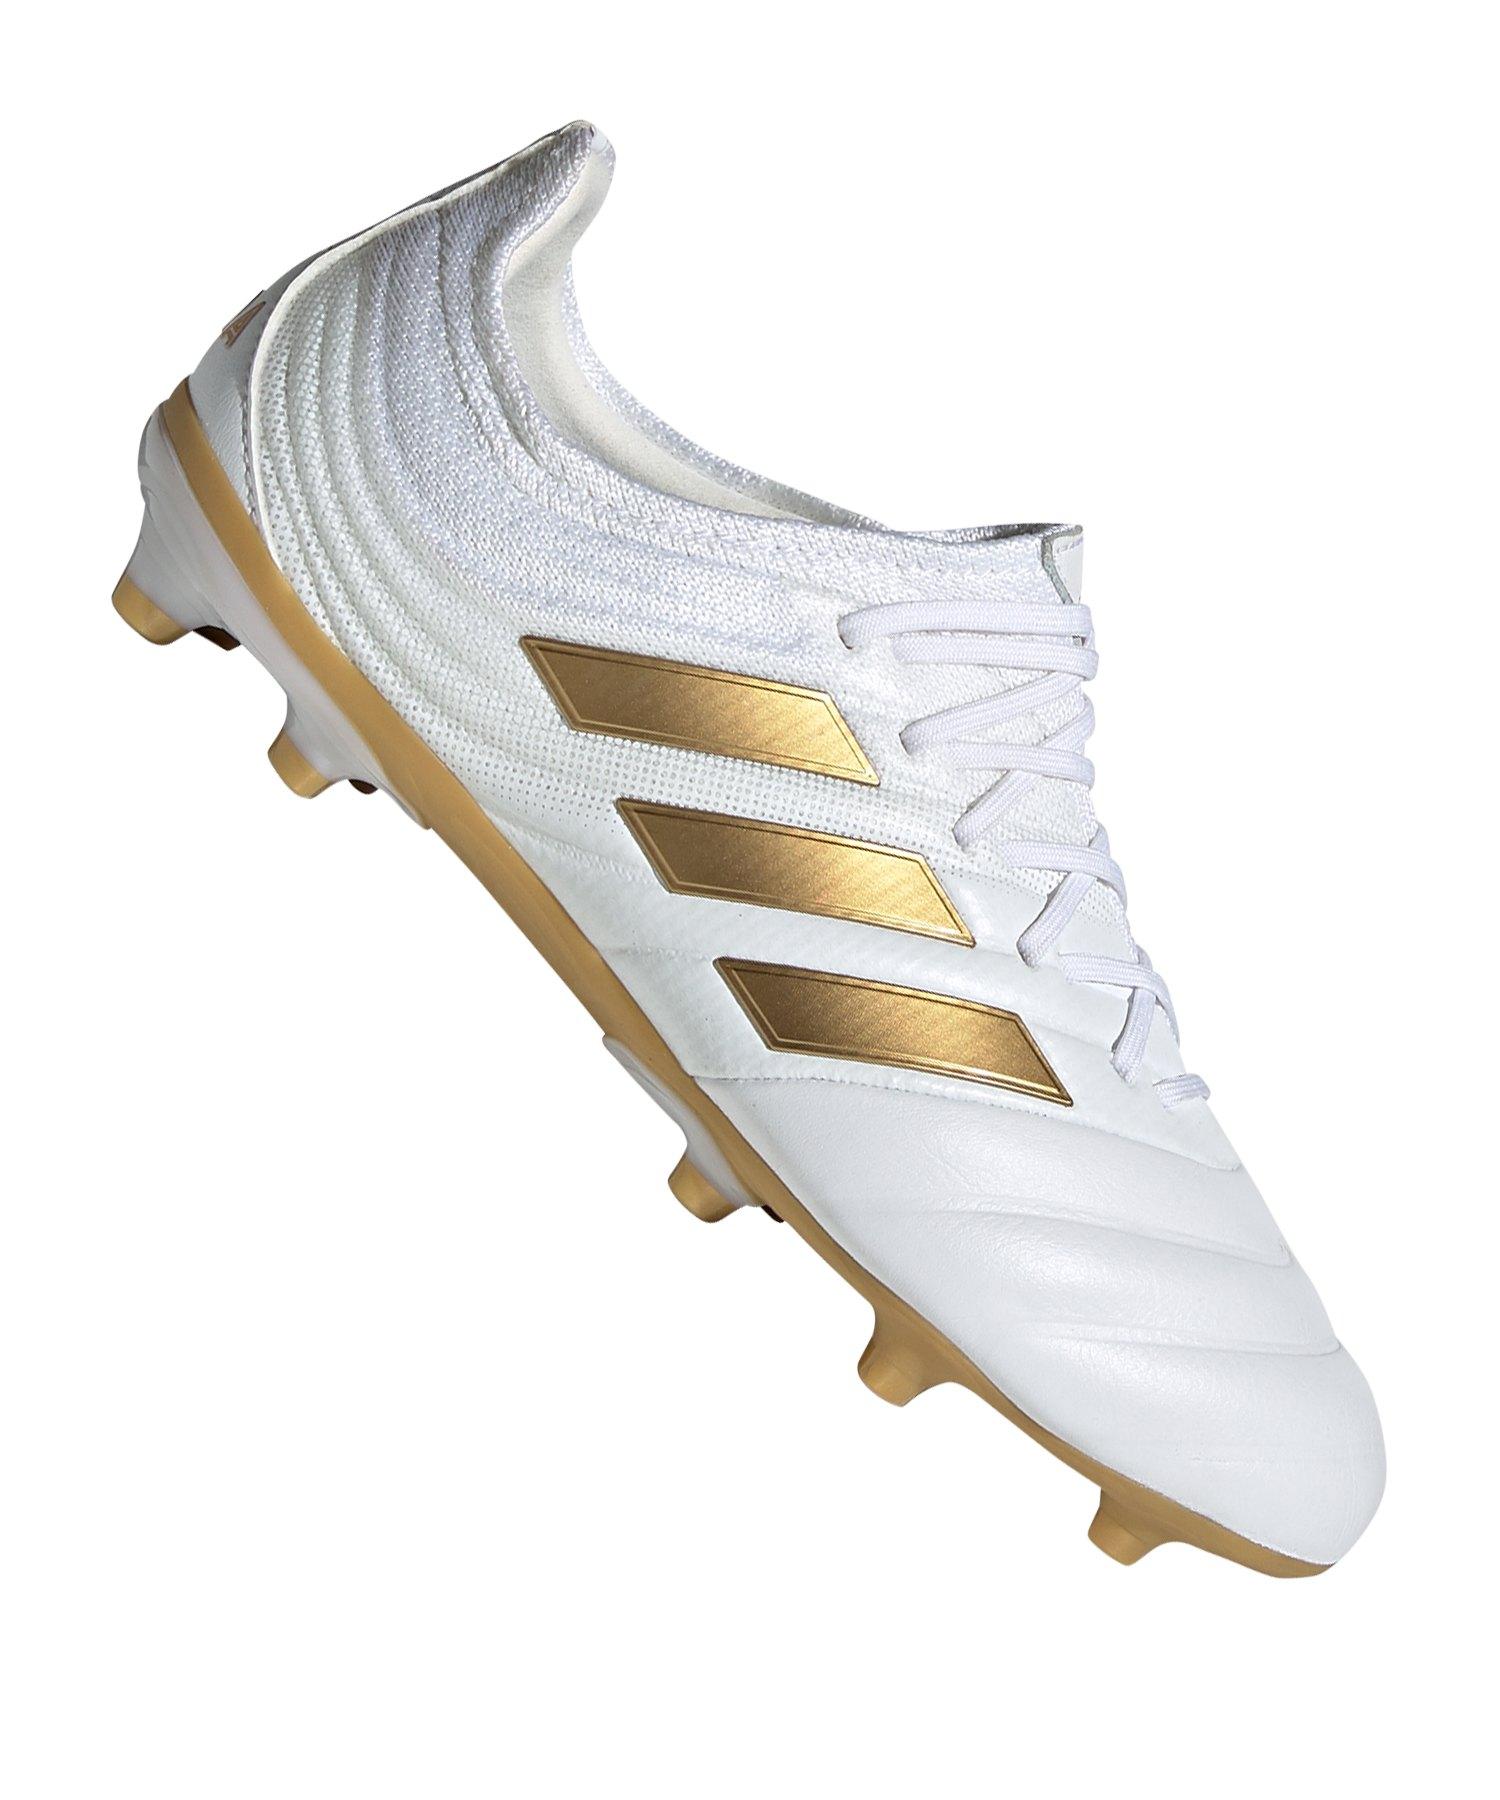 adidas COPA 19.1 FG J Kids Weiss Gold - weiss